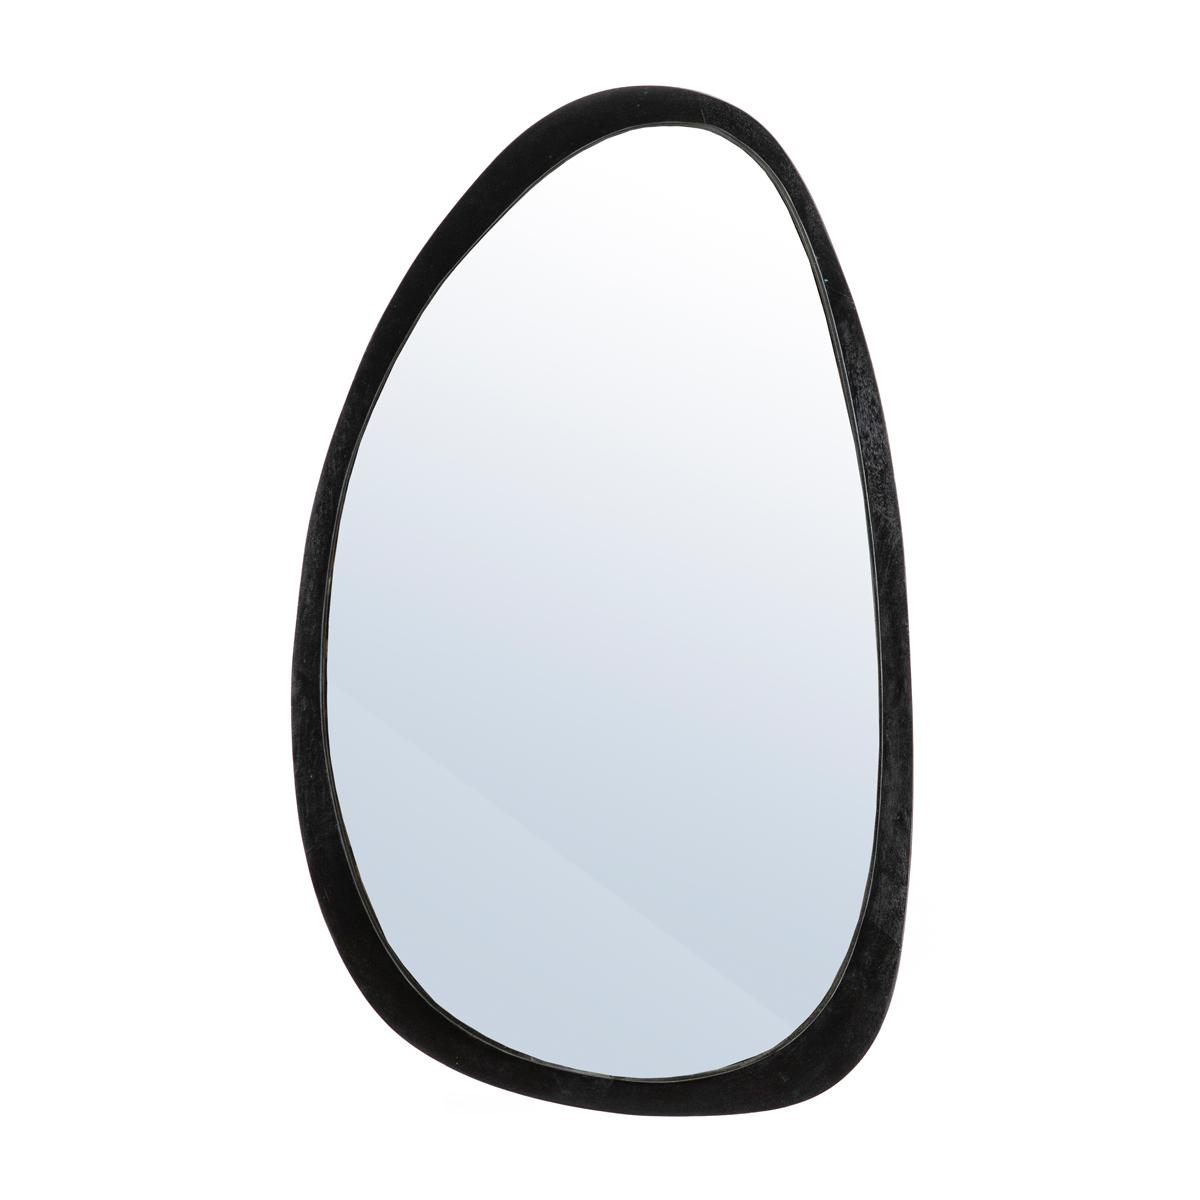 Houten spiegel ovaal